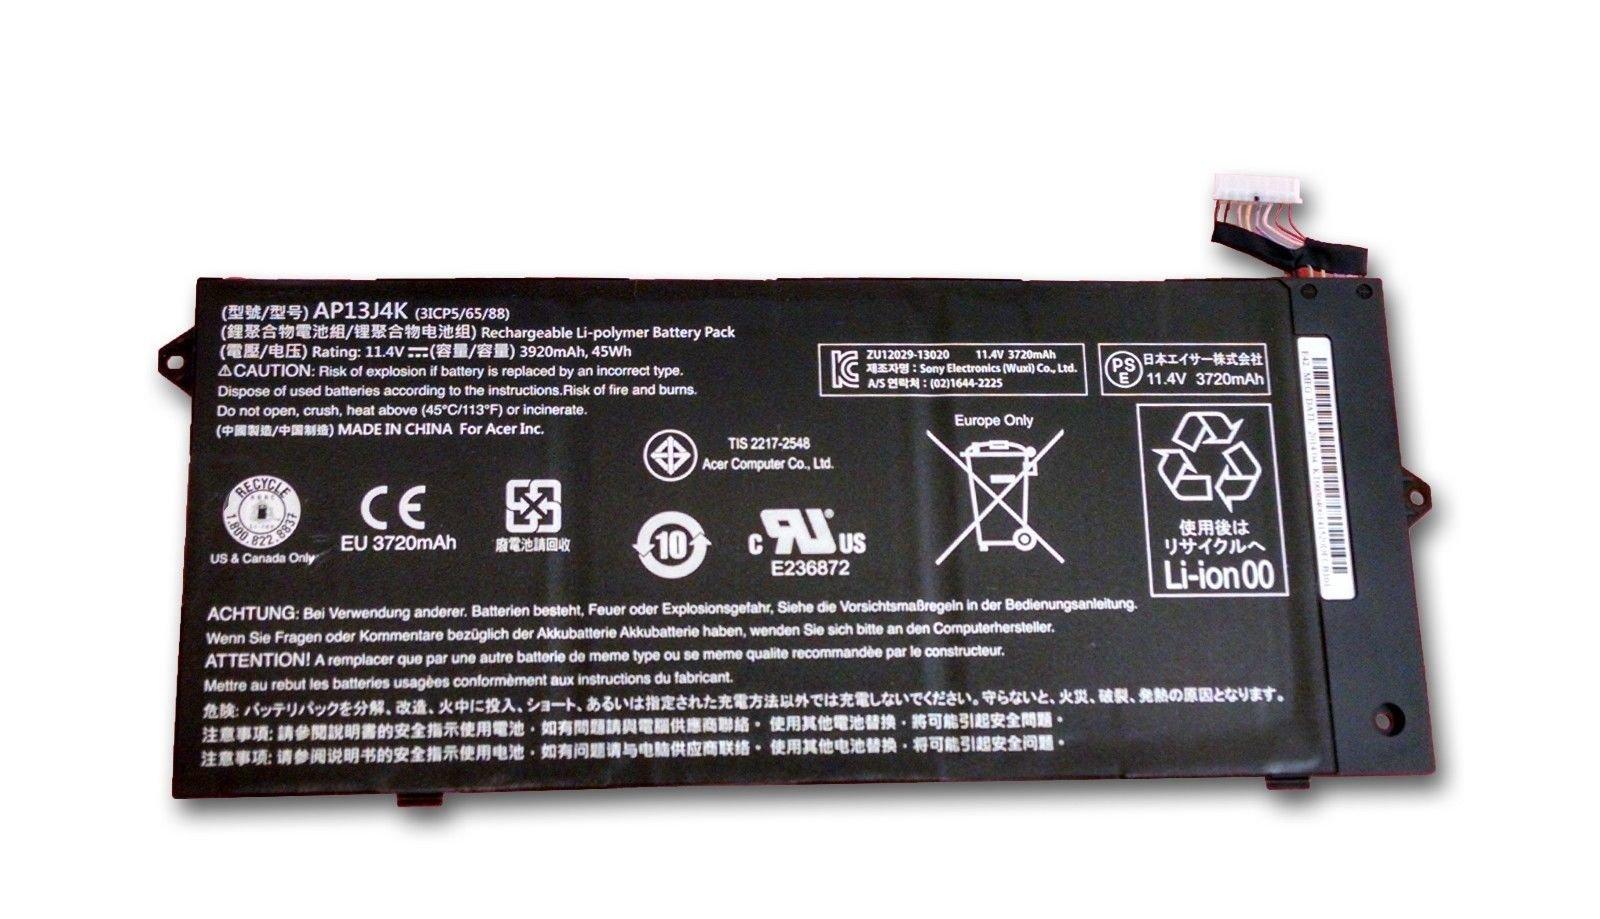 Bateria Dentsing Ap13j3k Para Acer Chromebook C720 C720p Ap13j4k